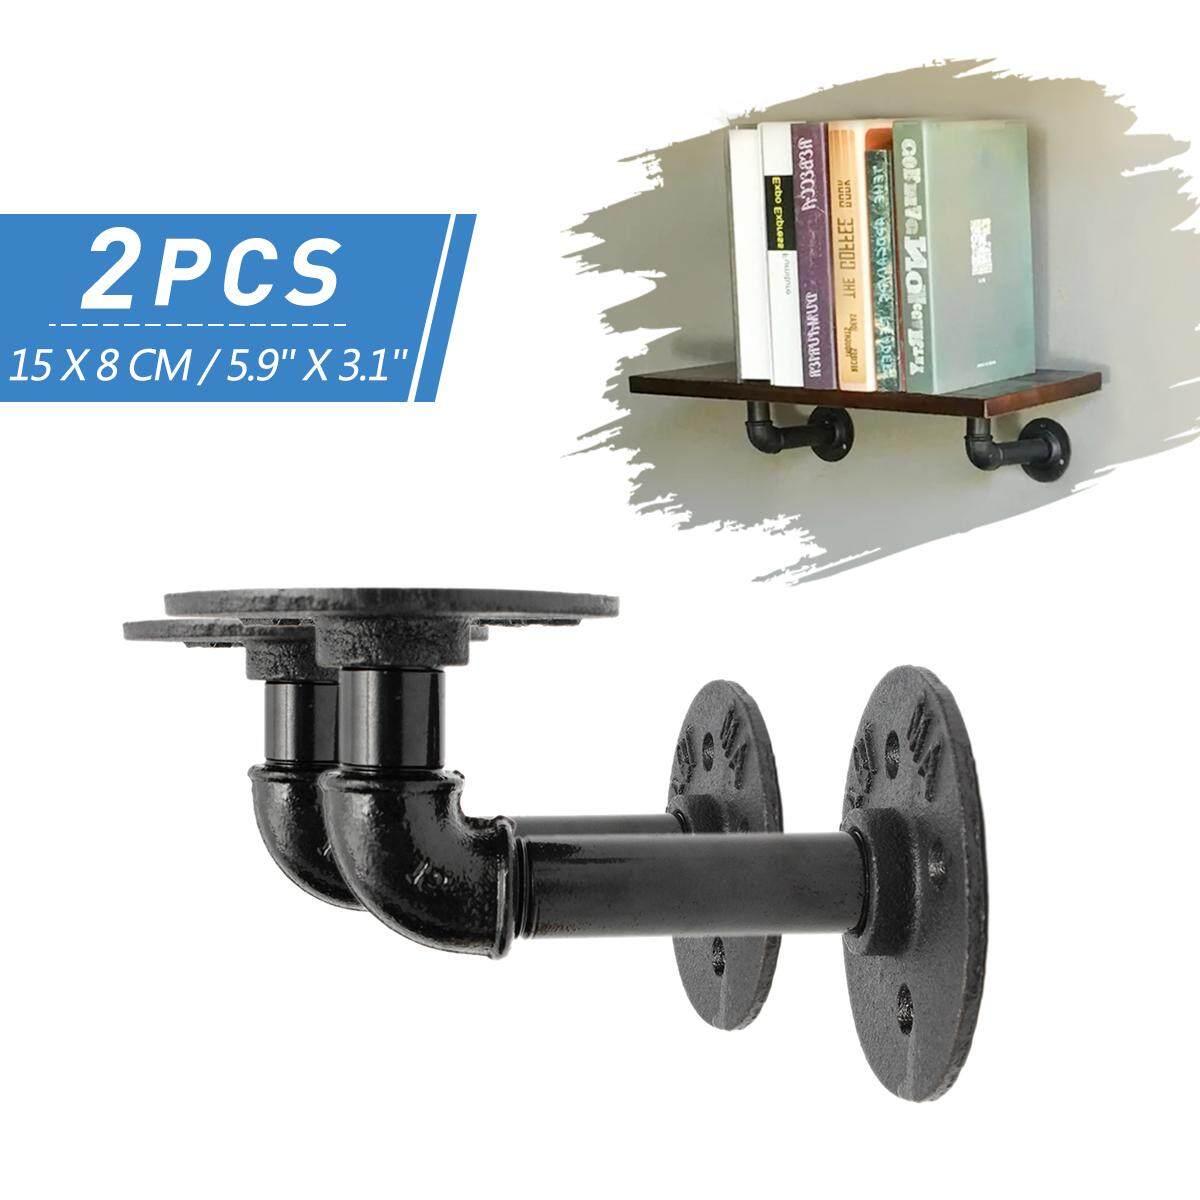 2PCS 15x10cm Steampunk Industrial Steel pipe scaffold board shelf brackets Vintage bulkhead support bracket